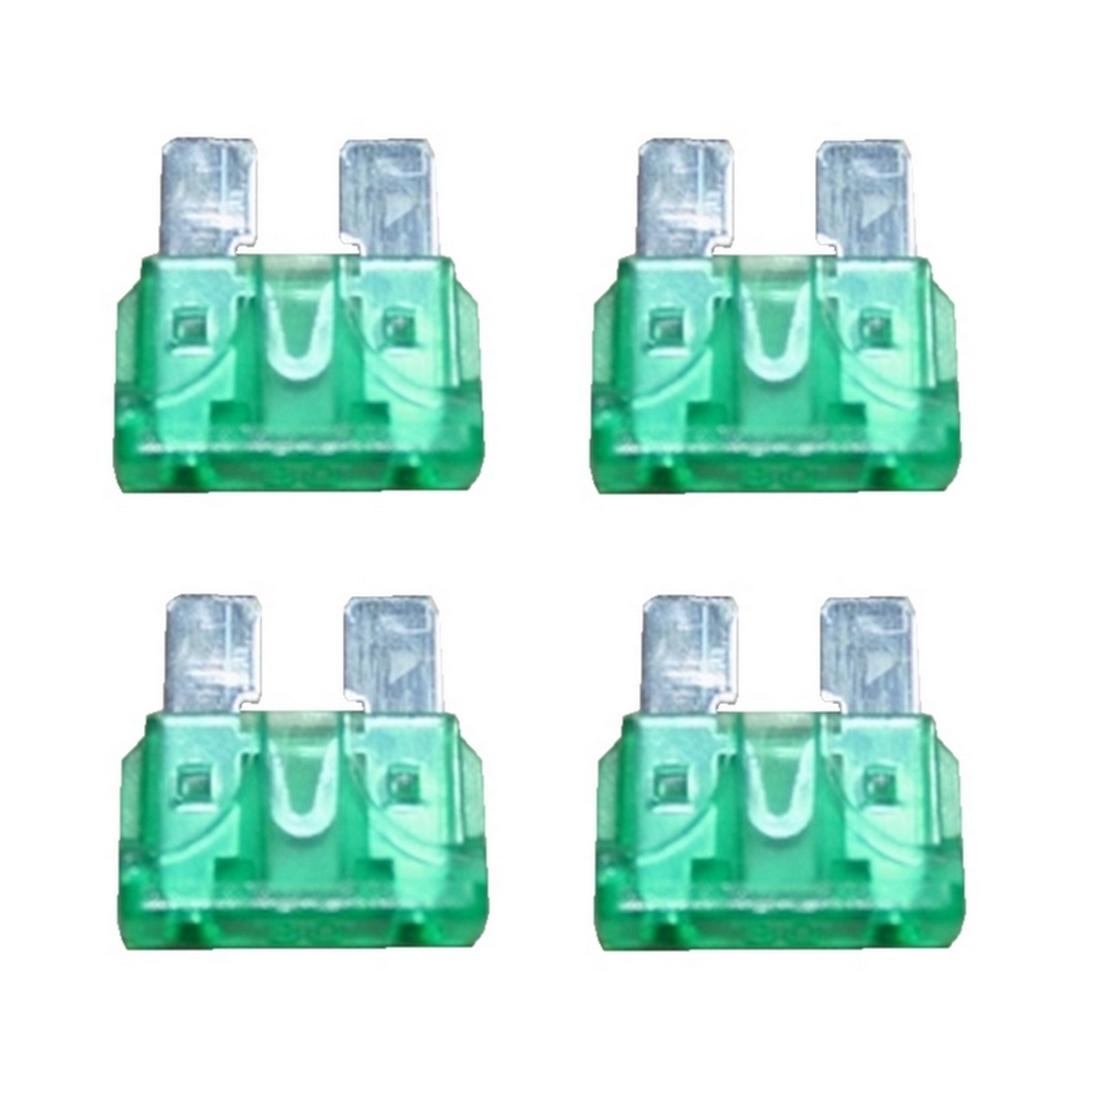 KFZ-Flachsicherung Sicherung 30A grün 4 Stück (0027)